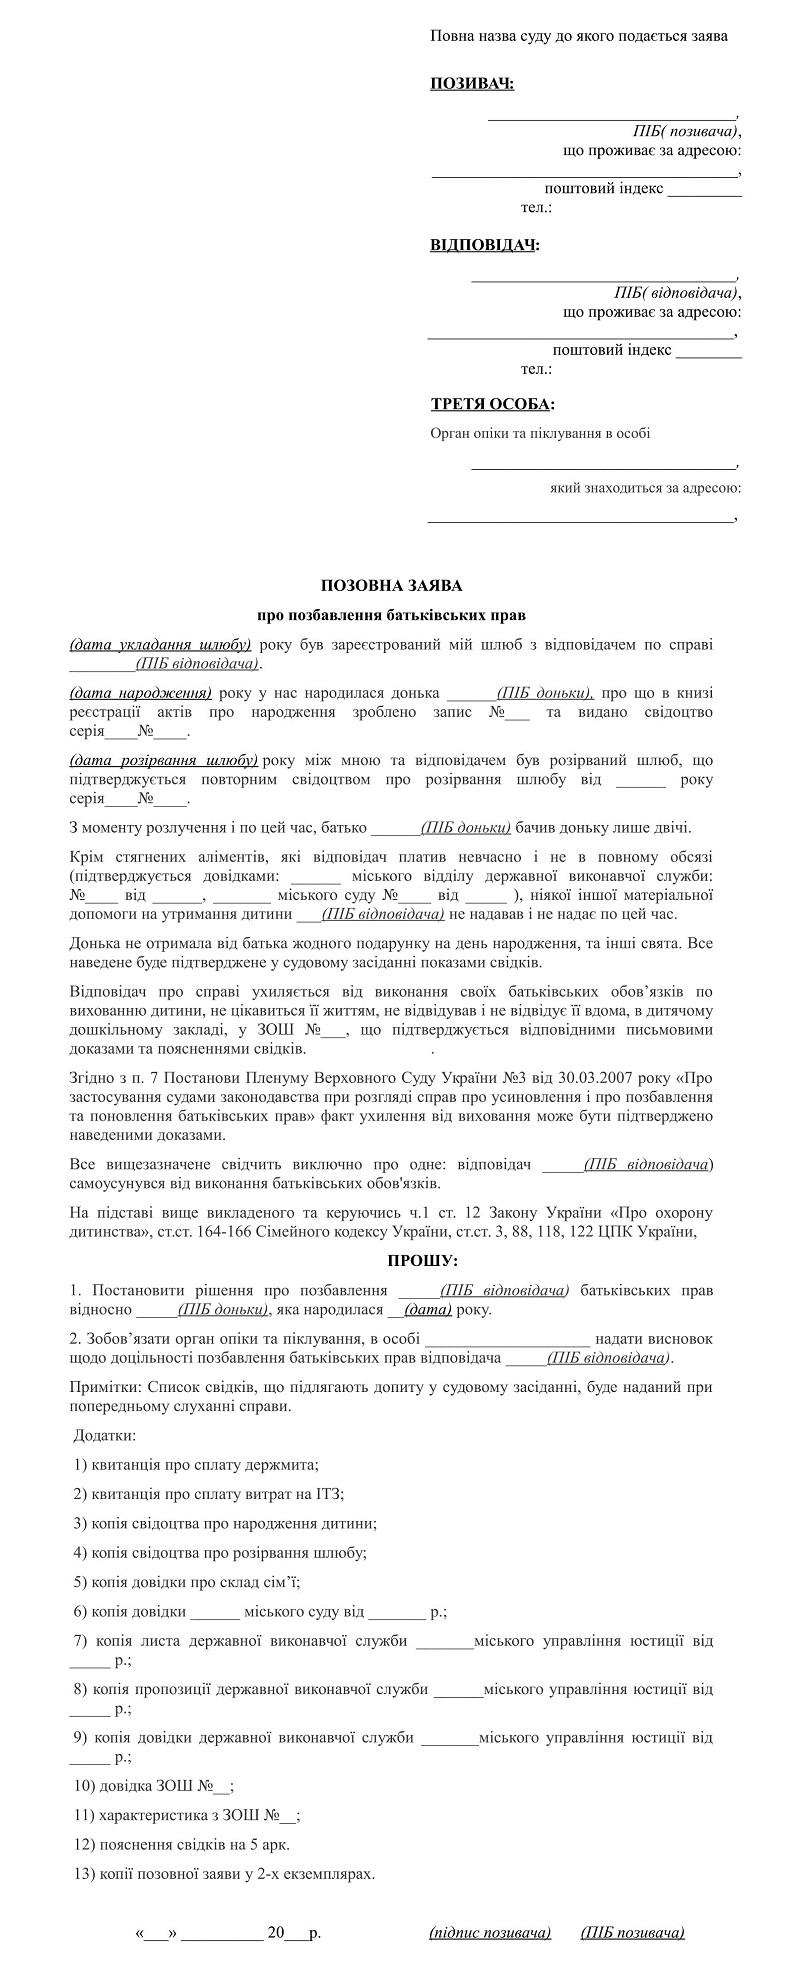 Зразок позовної заяви про позбавлення батьківських прав до суду